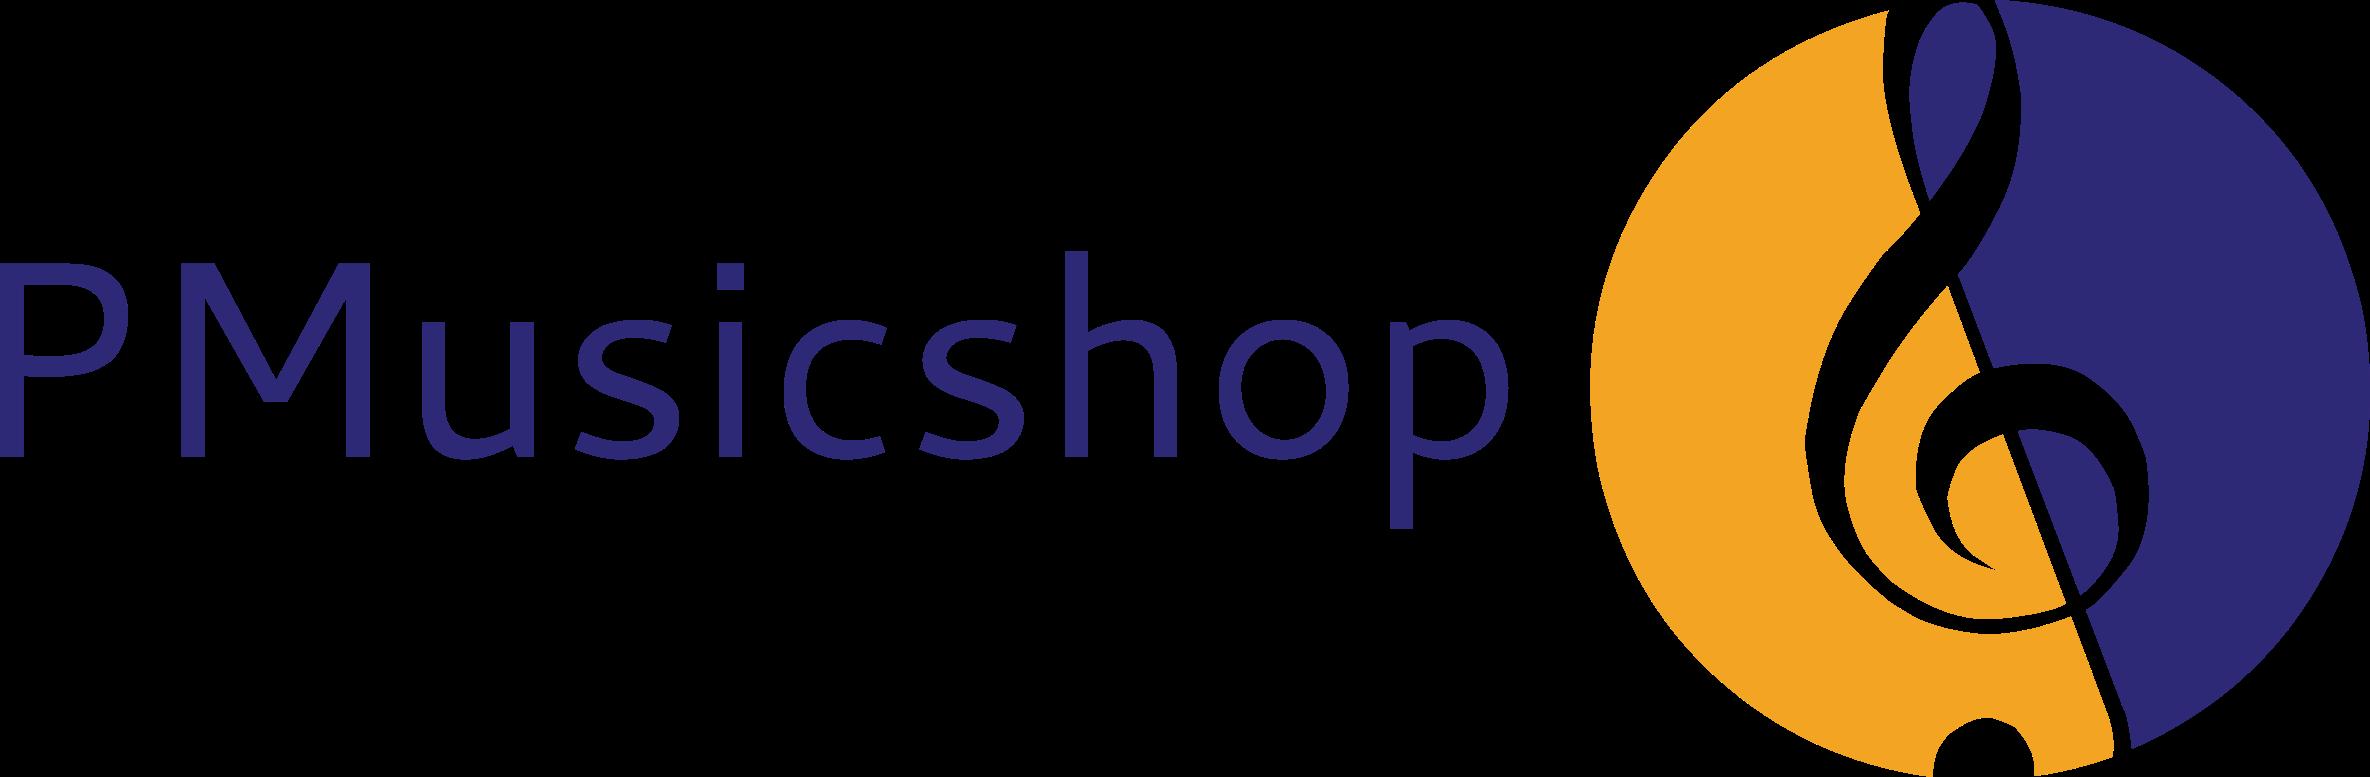 PMusicshop.com